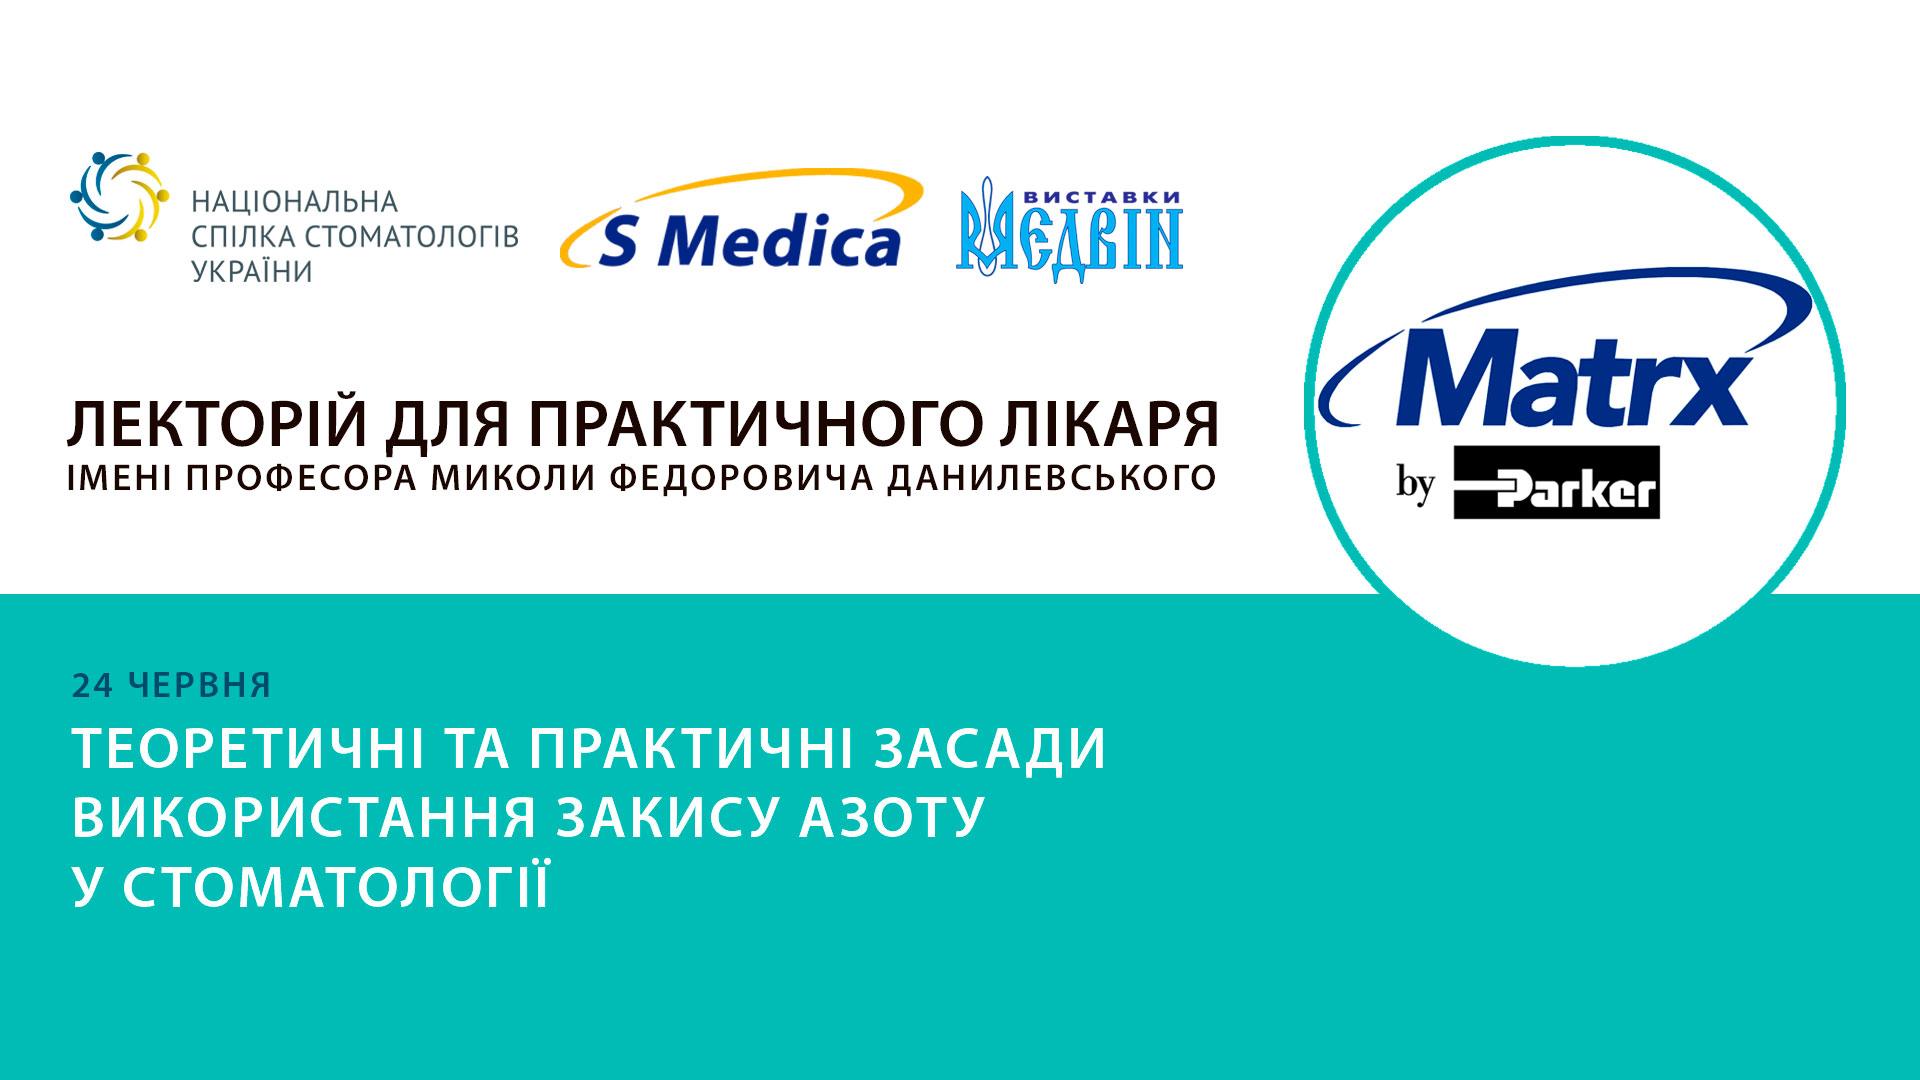 Теоретичні та практичні засади використання закису азоту у стоматології -24.06.2021